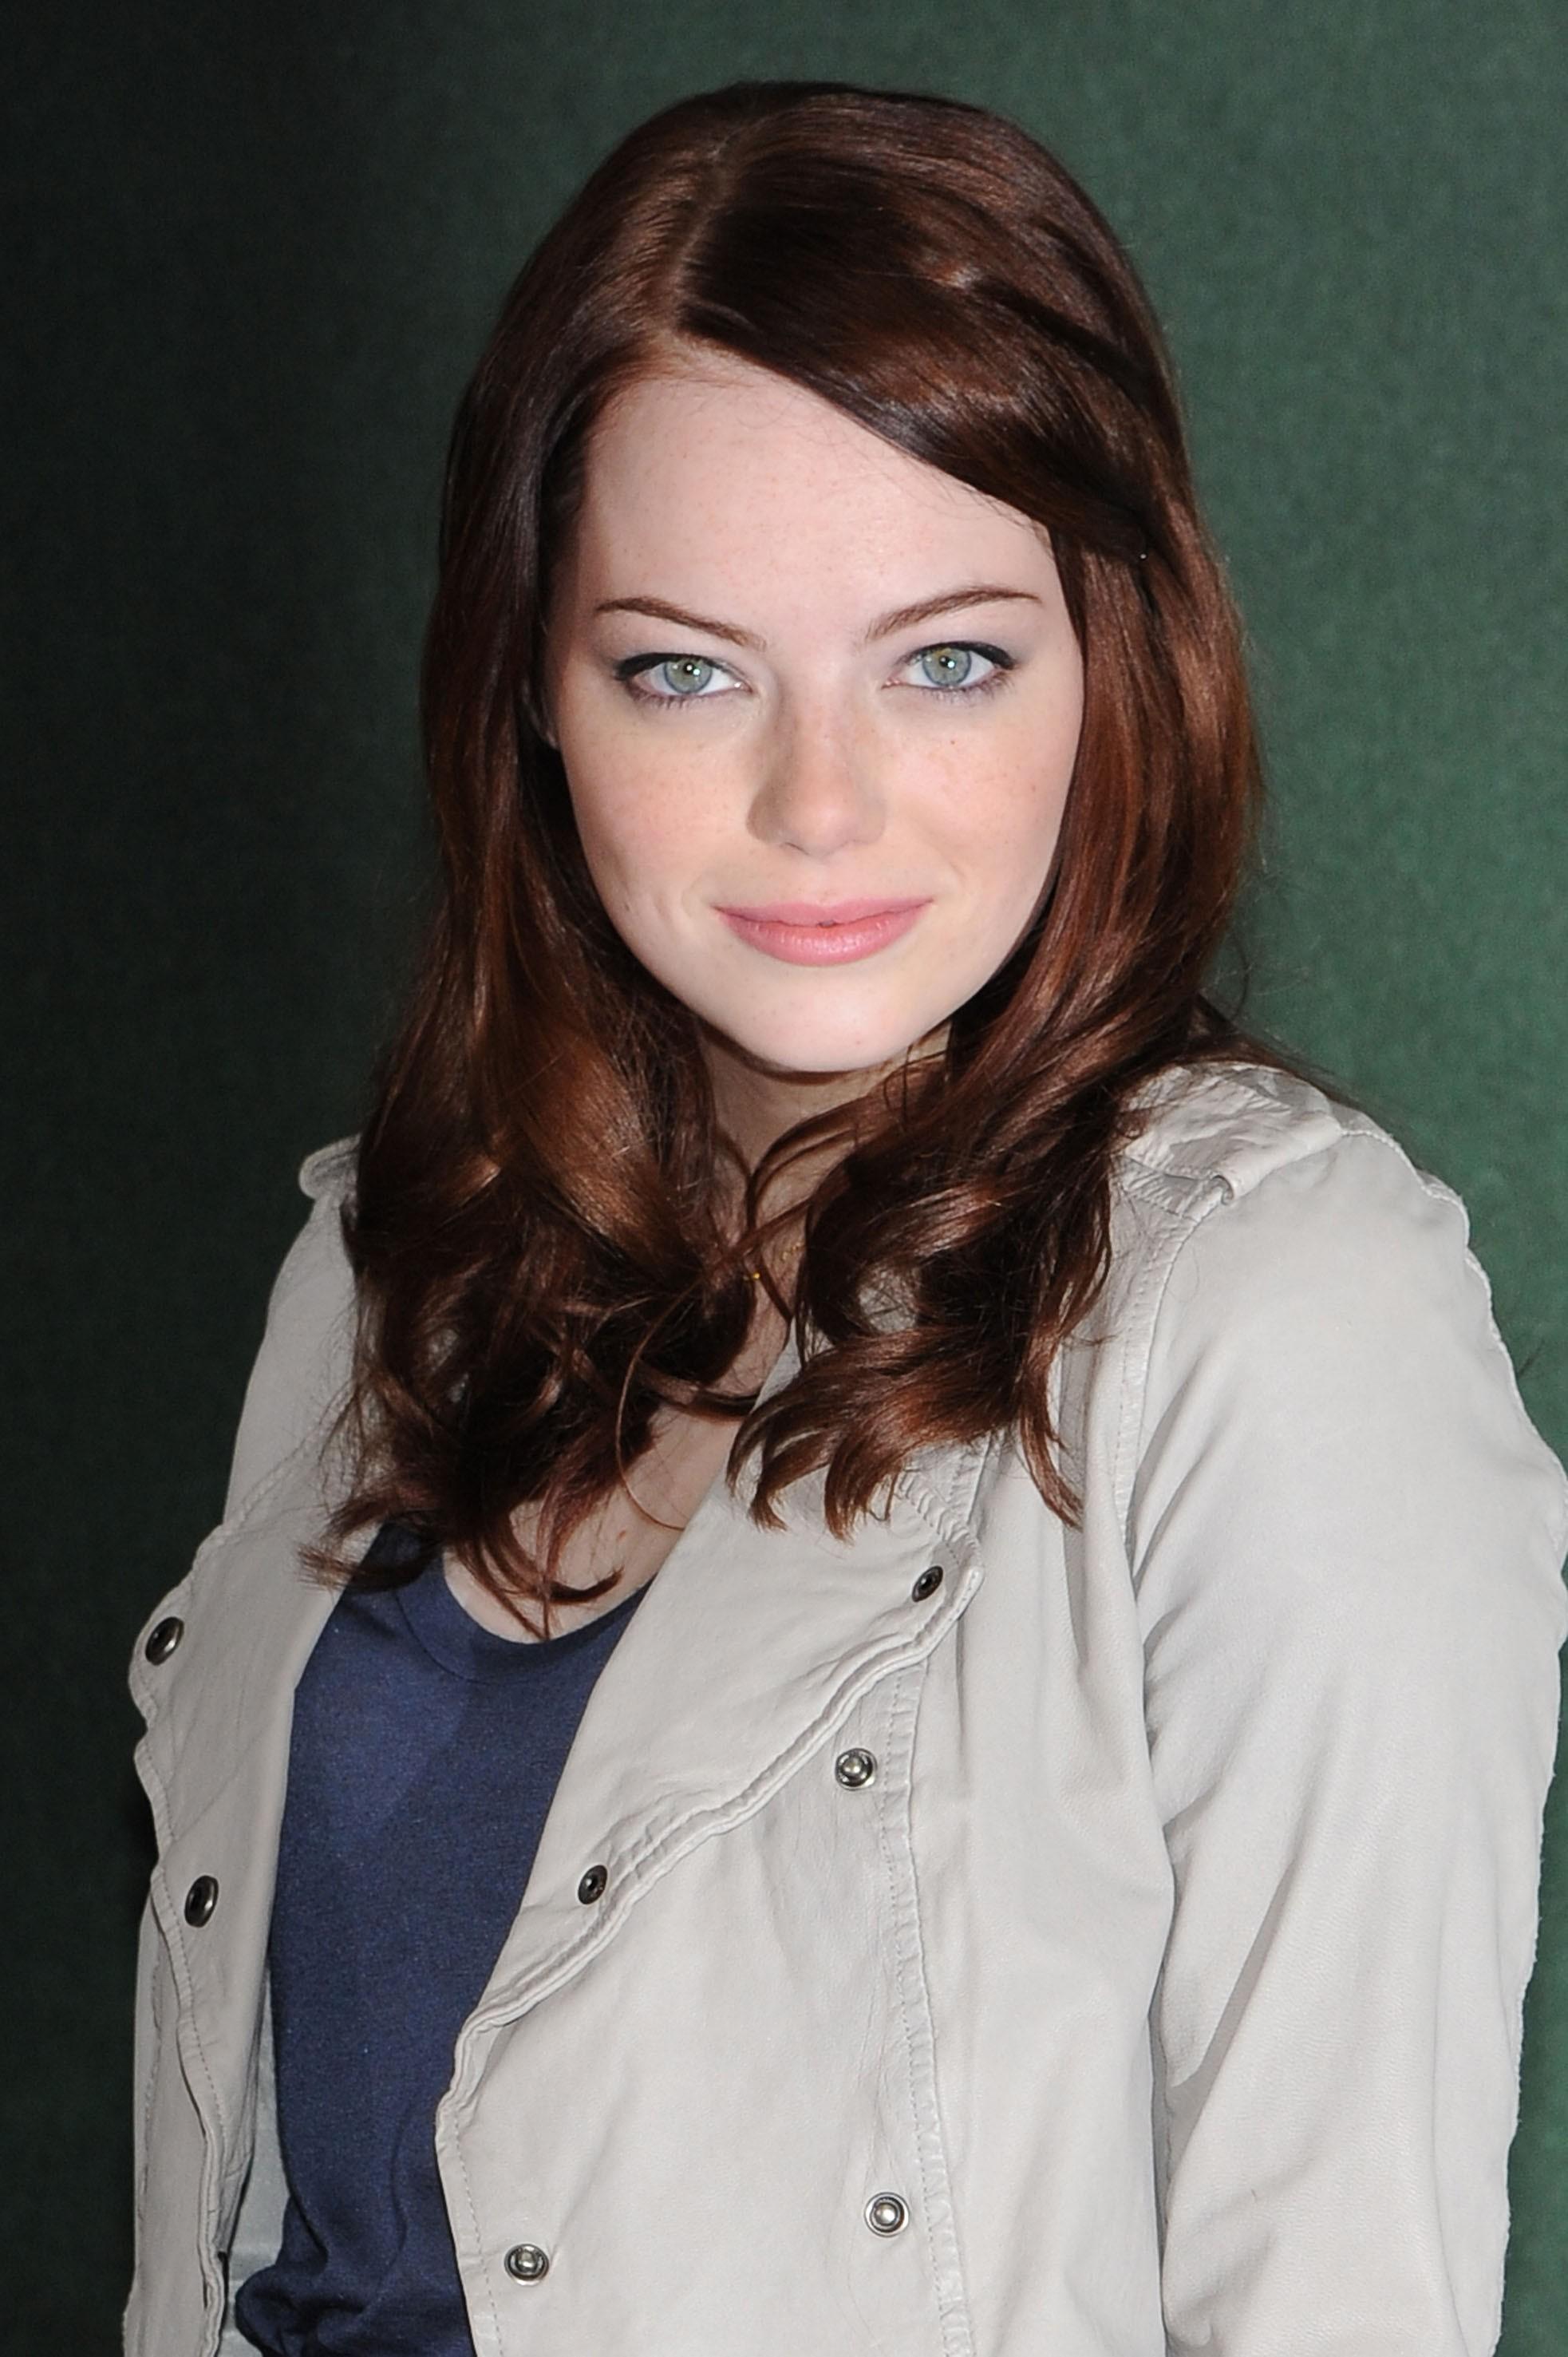 Hintergrundbilder Gesicht Frau Rothaarige Modell